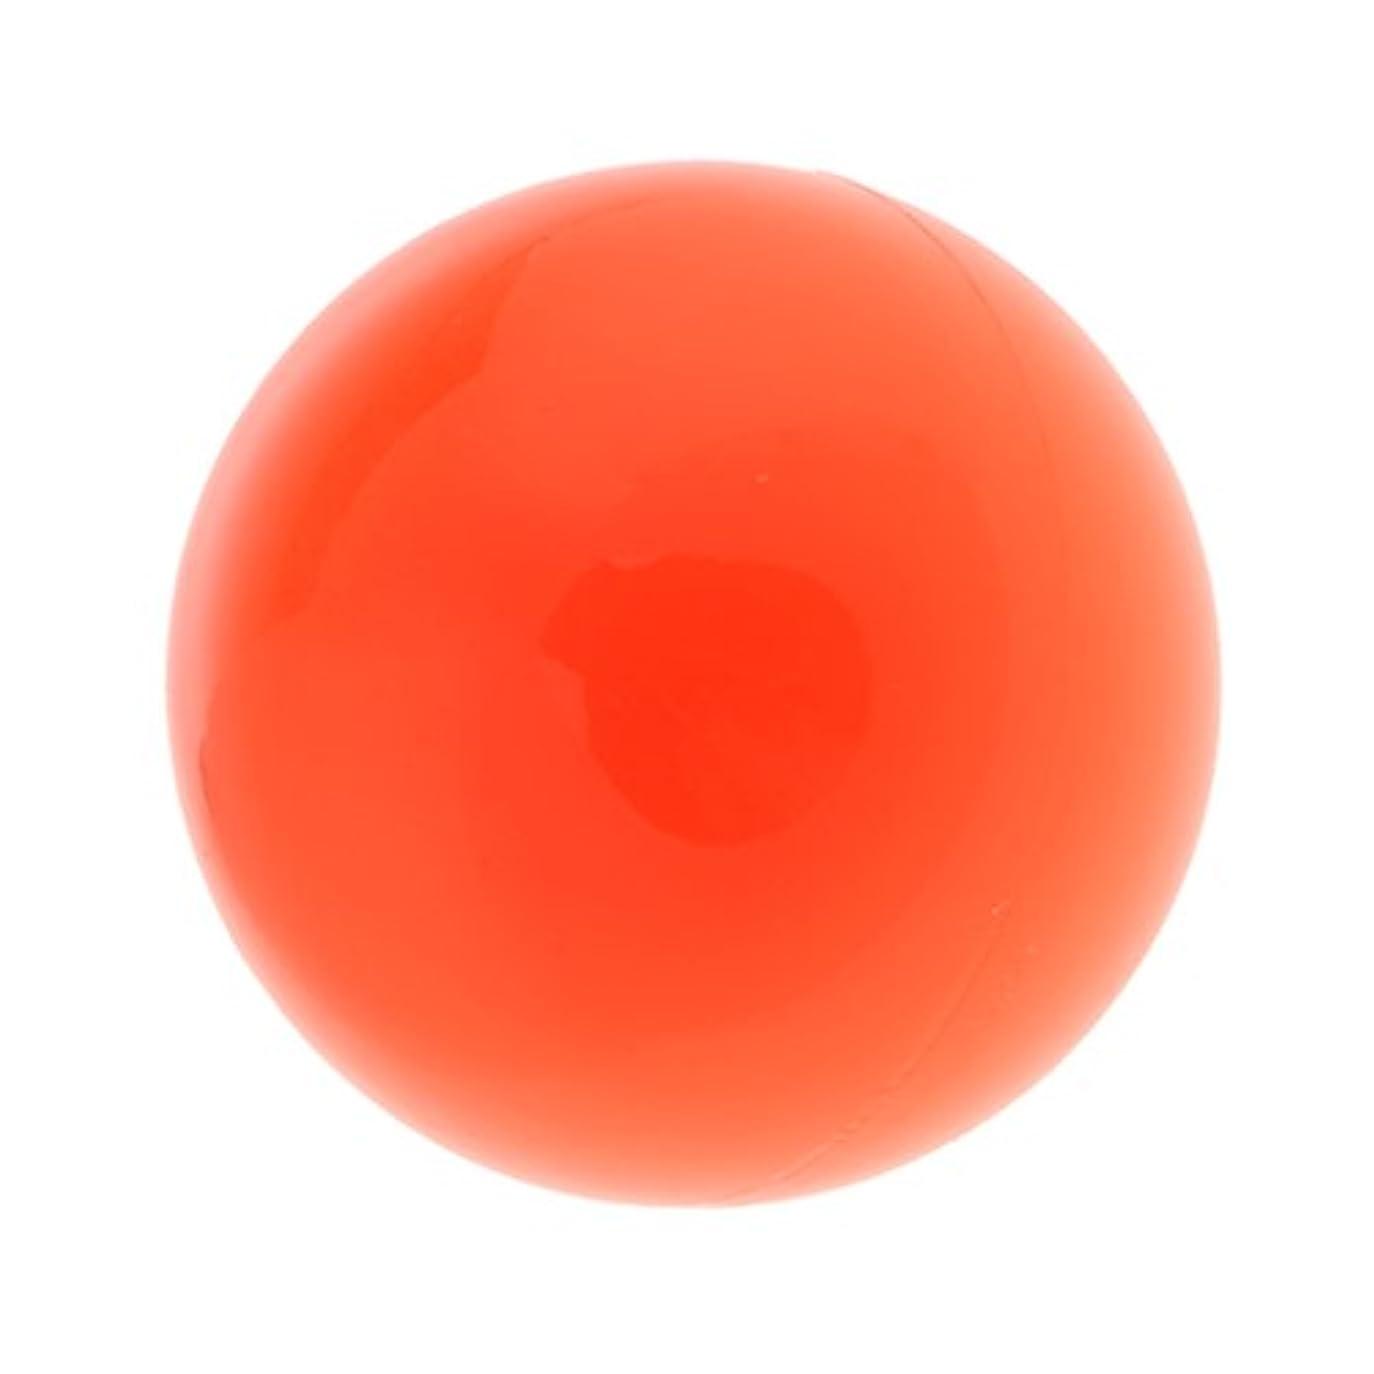 人気隠す期限ラクロスマッサージボール マッサージボール マッサージ 手のひら 足 腕 首 背中 足首 ジム ホーム 便利 オレンジ